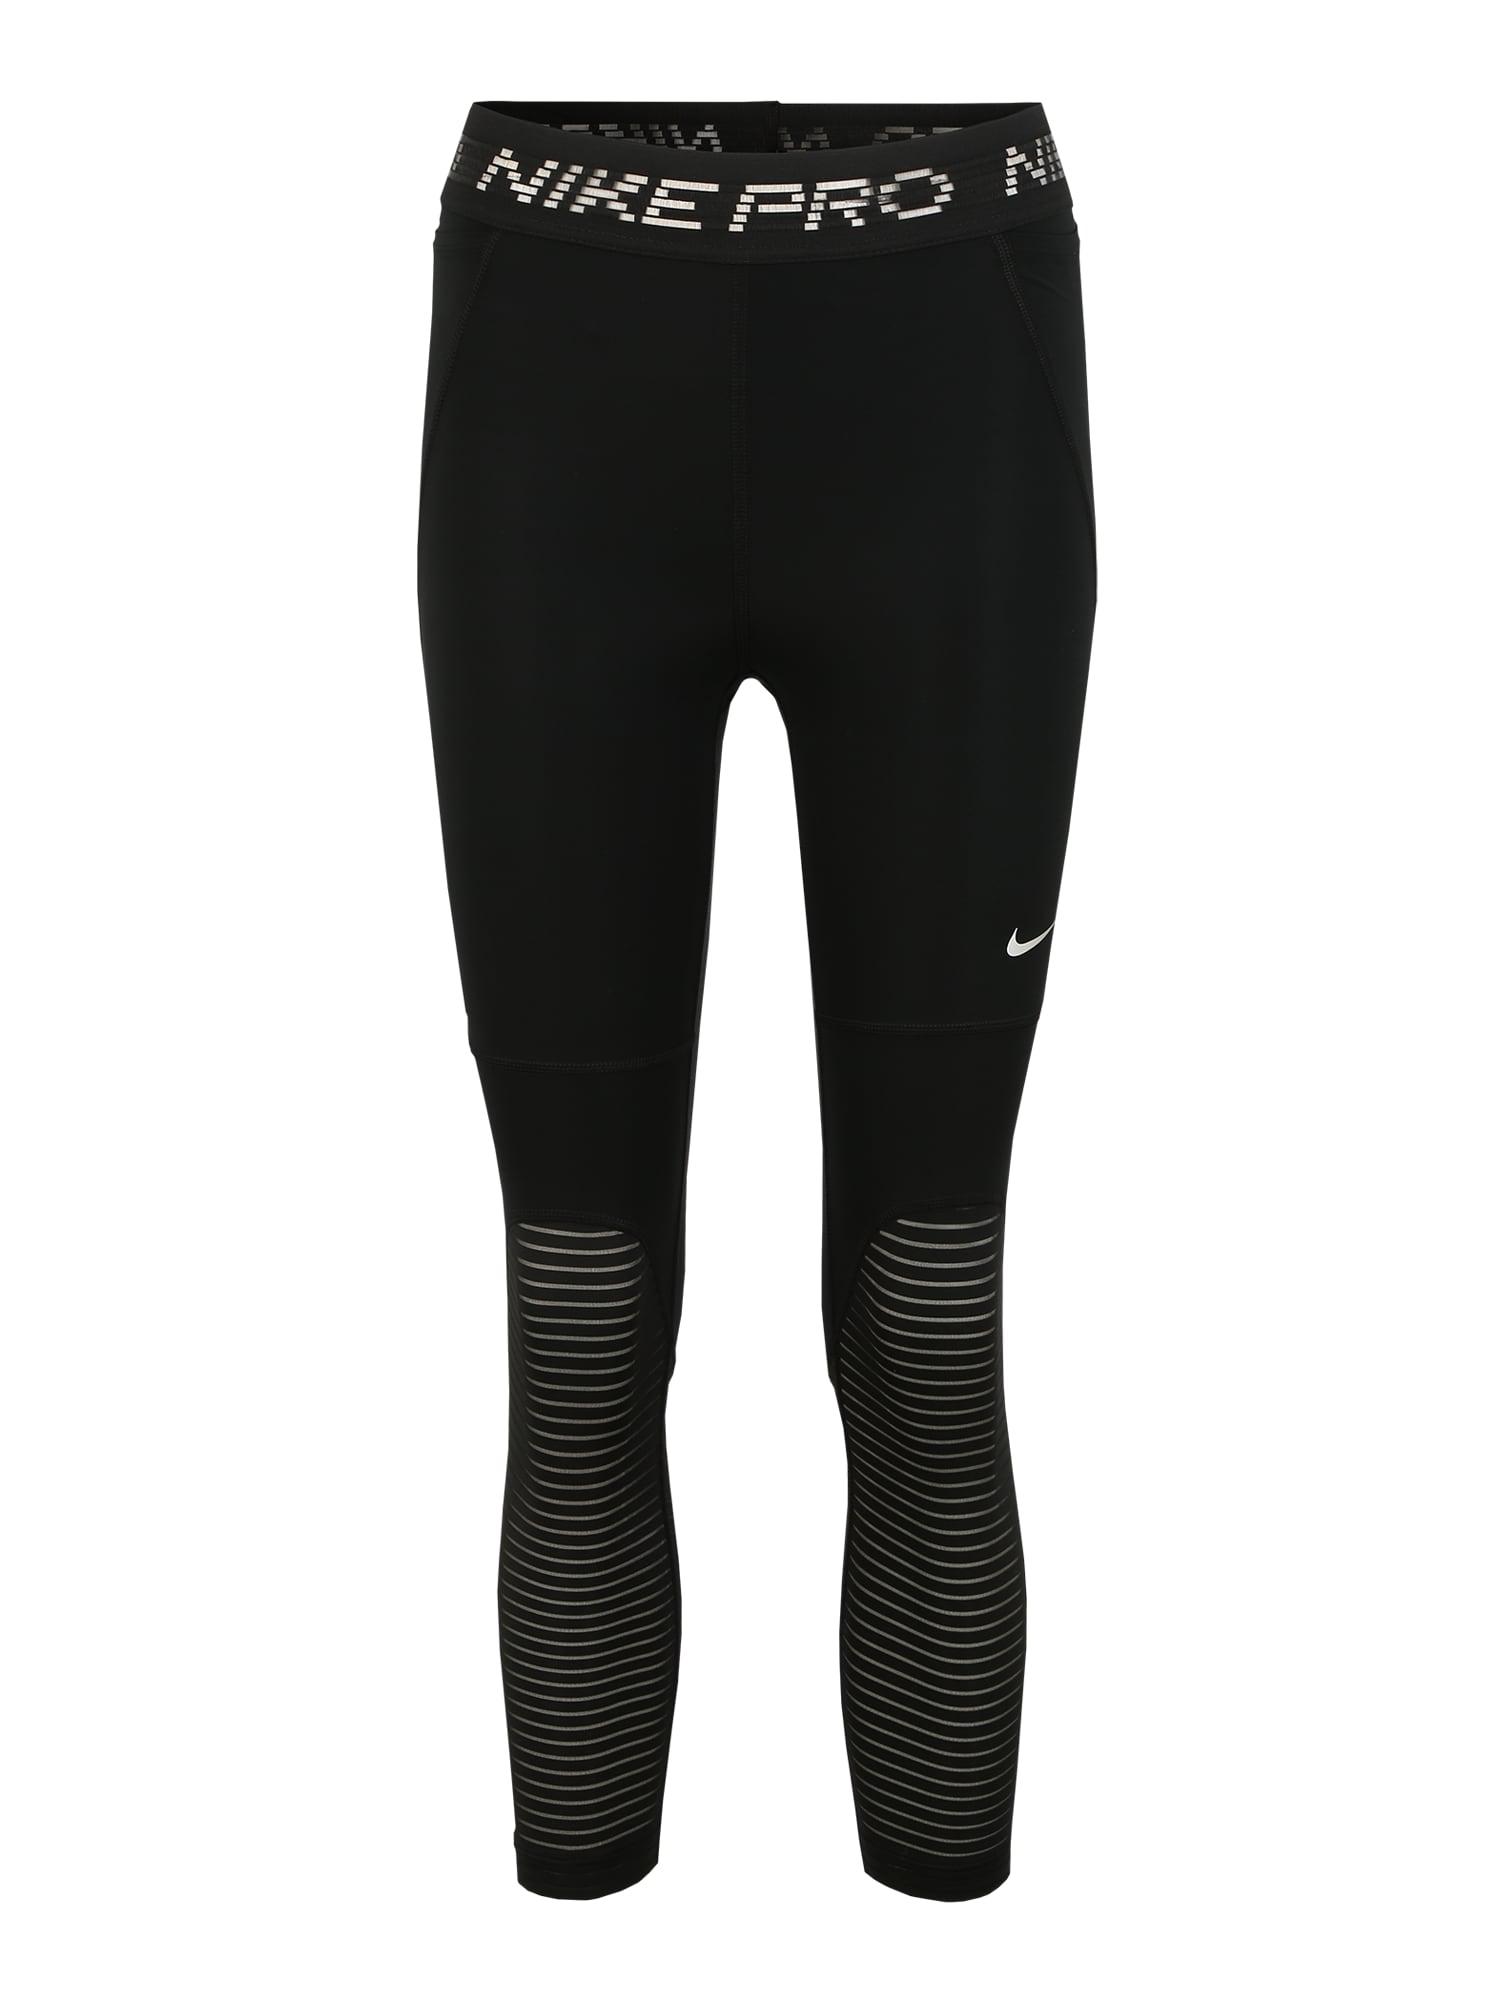 NIKE Sportinės kelnės ' CROP TIGHT SU20' juoda